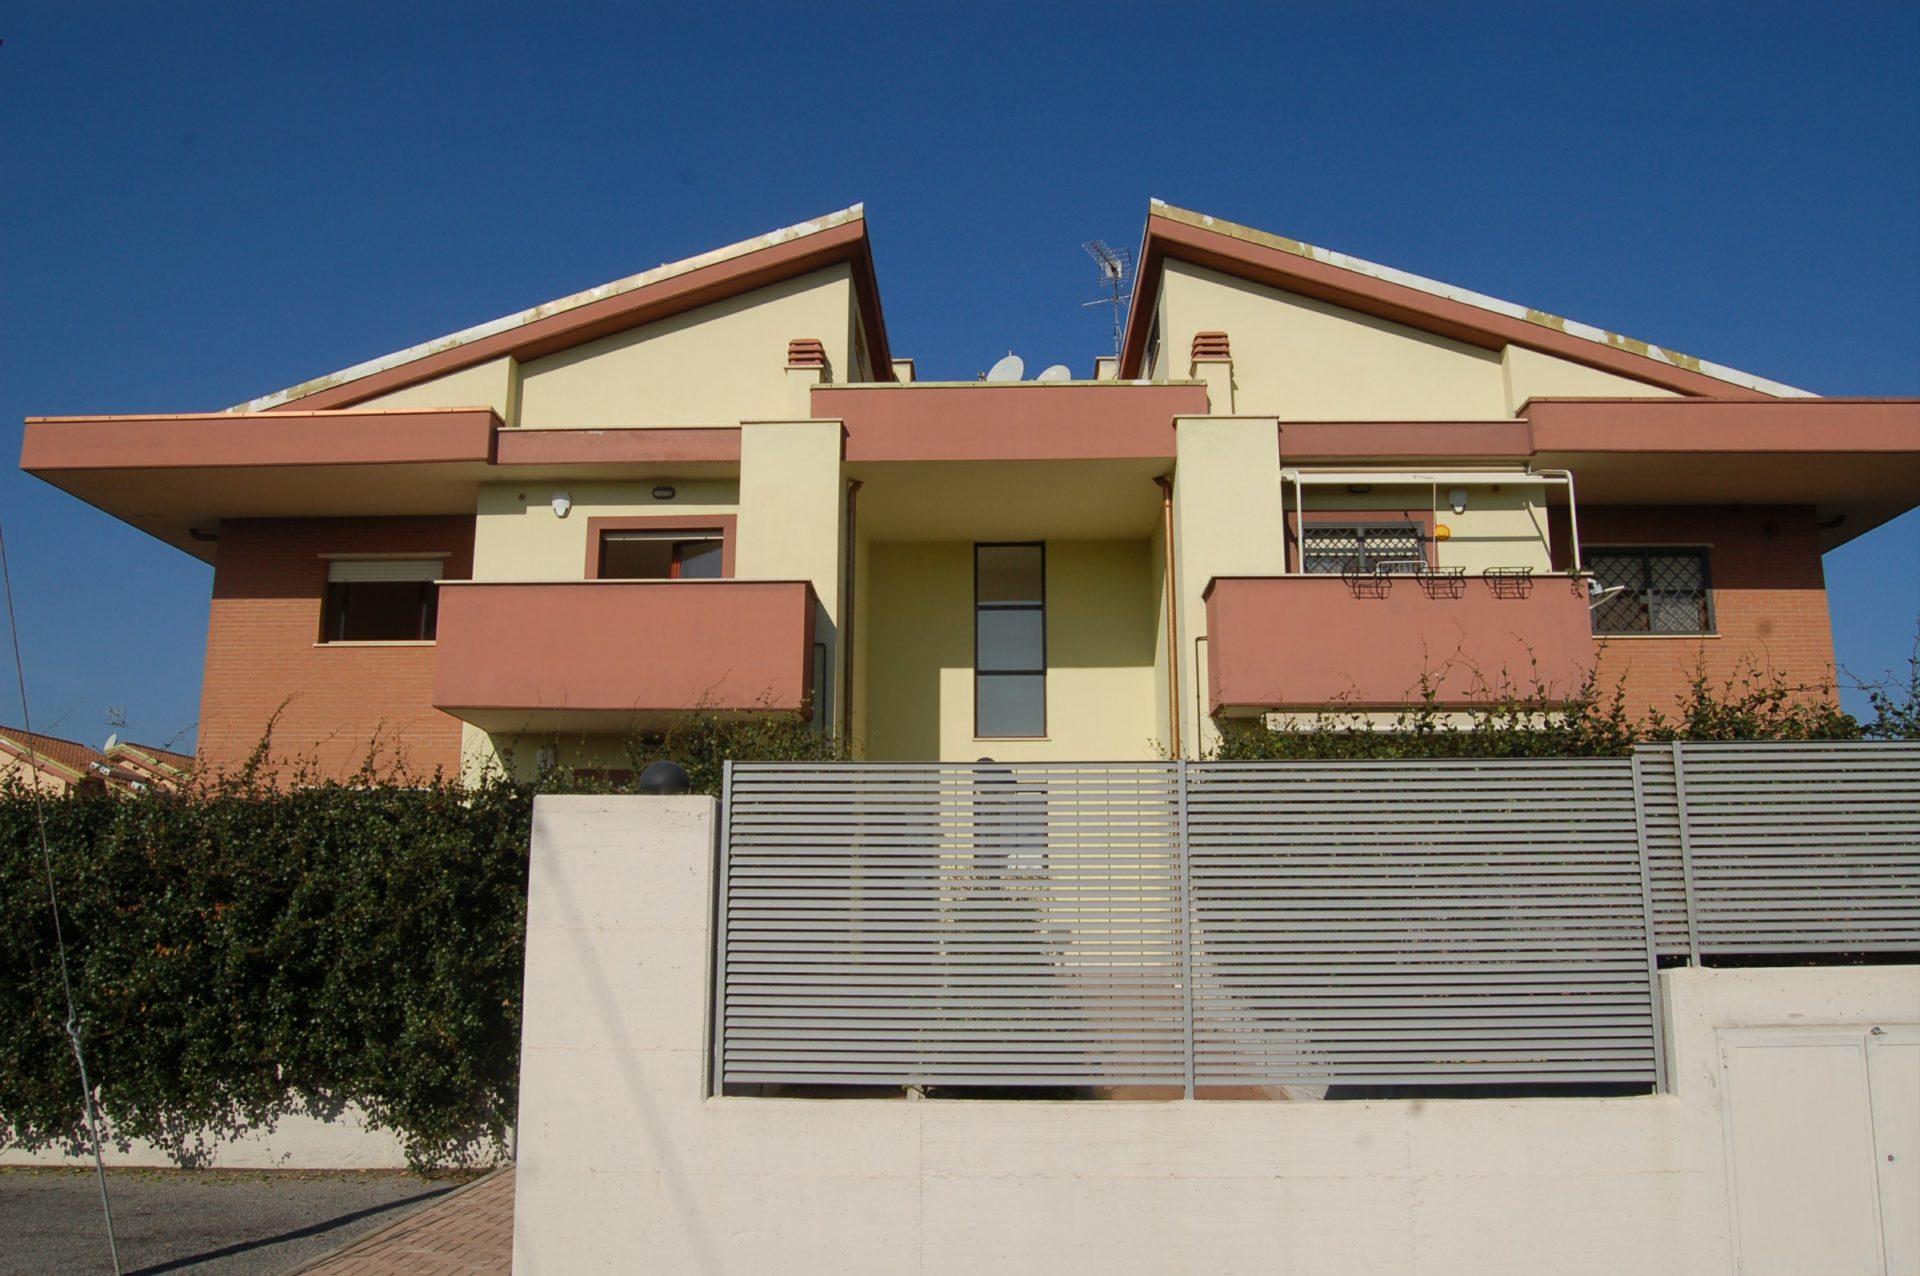 Imprese Di Costruzioni Roma nuove costruzioni giardini di corcolle roma - residenze